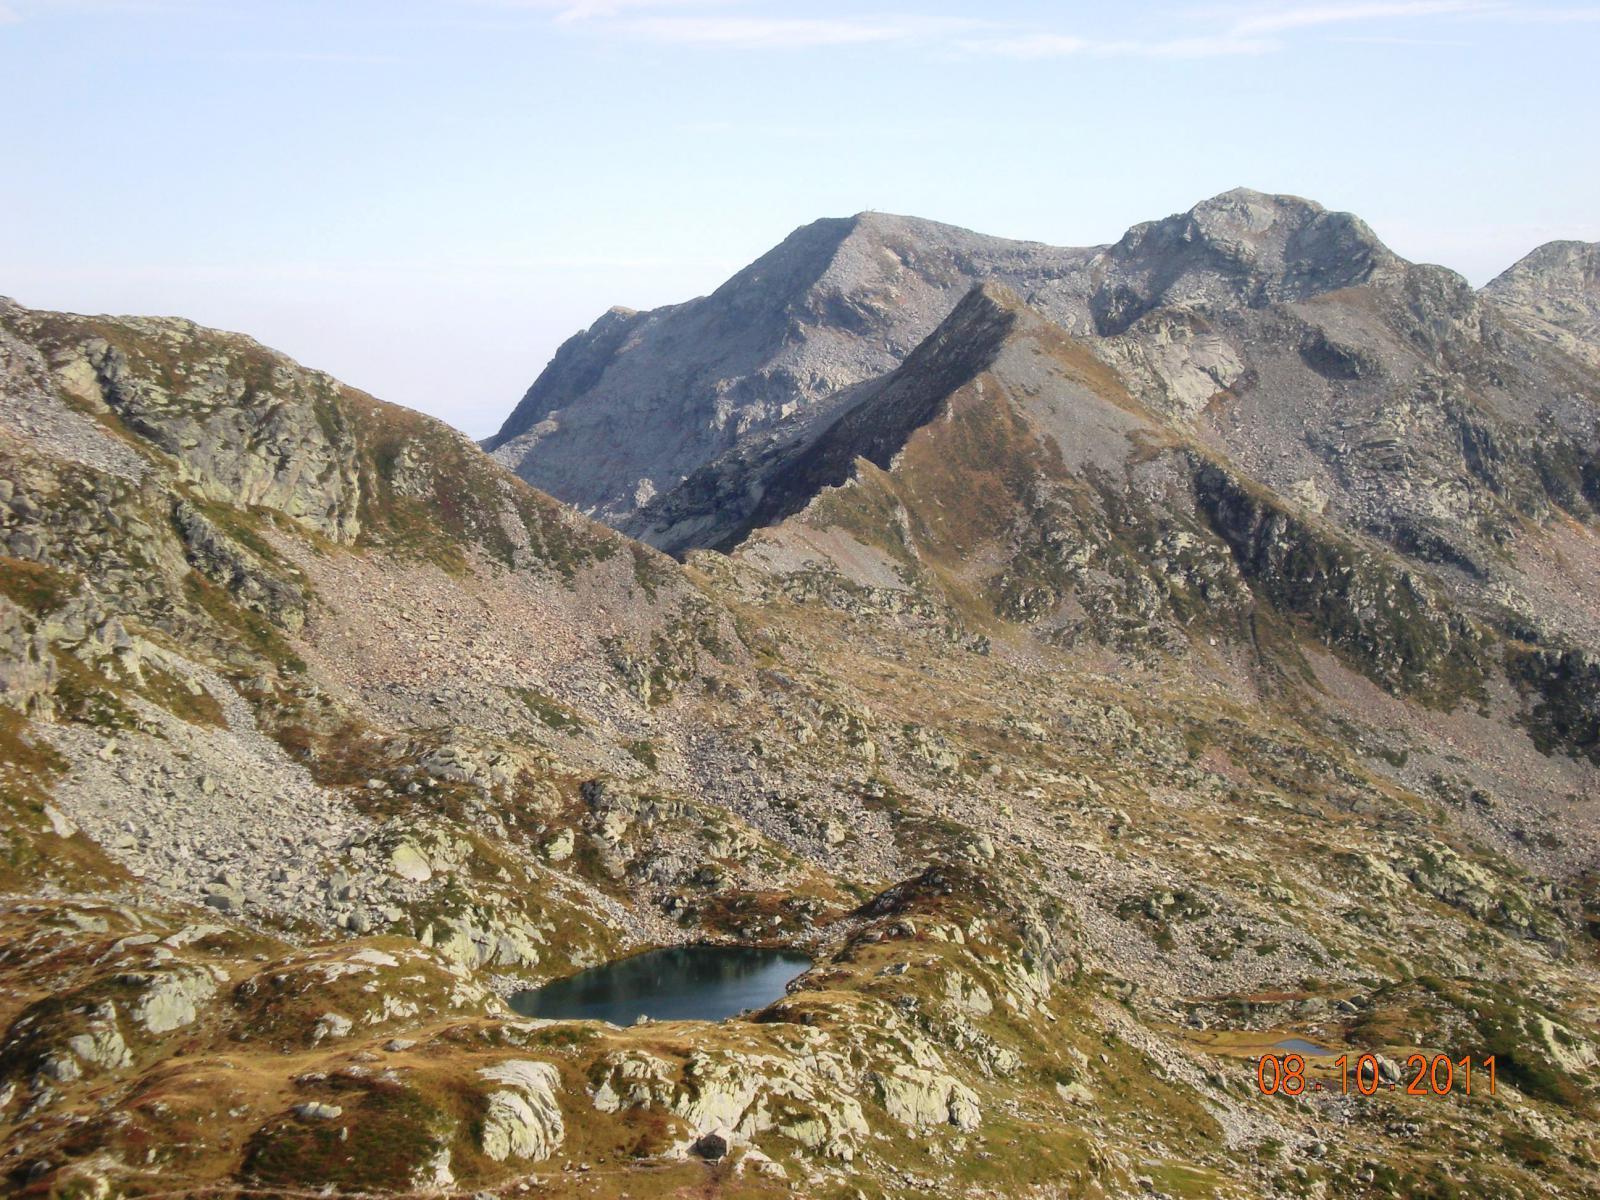 Lago Torretta, Colle Gragliasca, Gran Gabe (o Punta Gragliasca), Lei Long cartografico (piccolo), Lei Long topografico (grande) e sullo sfondo il Camino